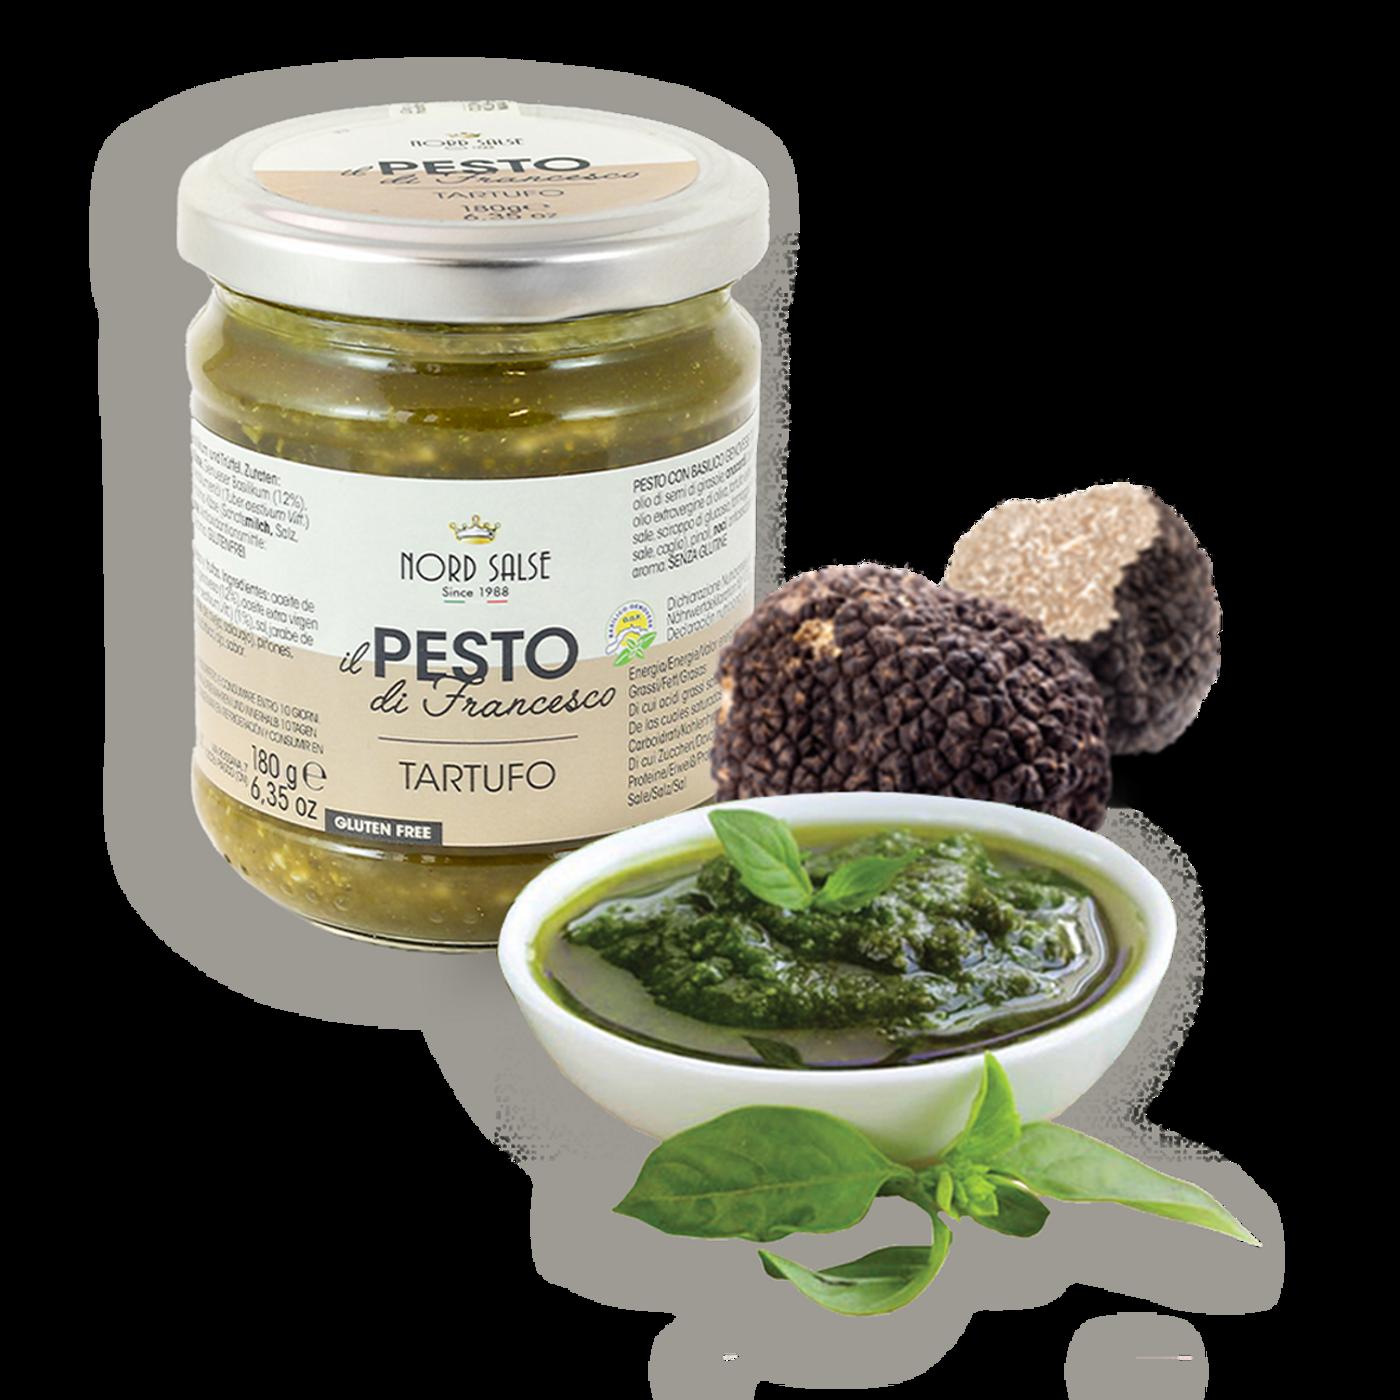 Pesto Con Albahaca Genovesa Dop Y Trufa